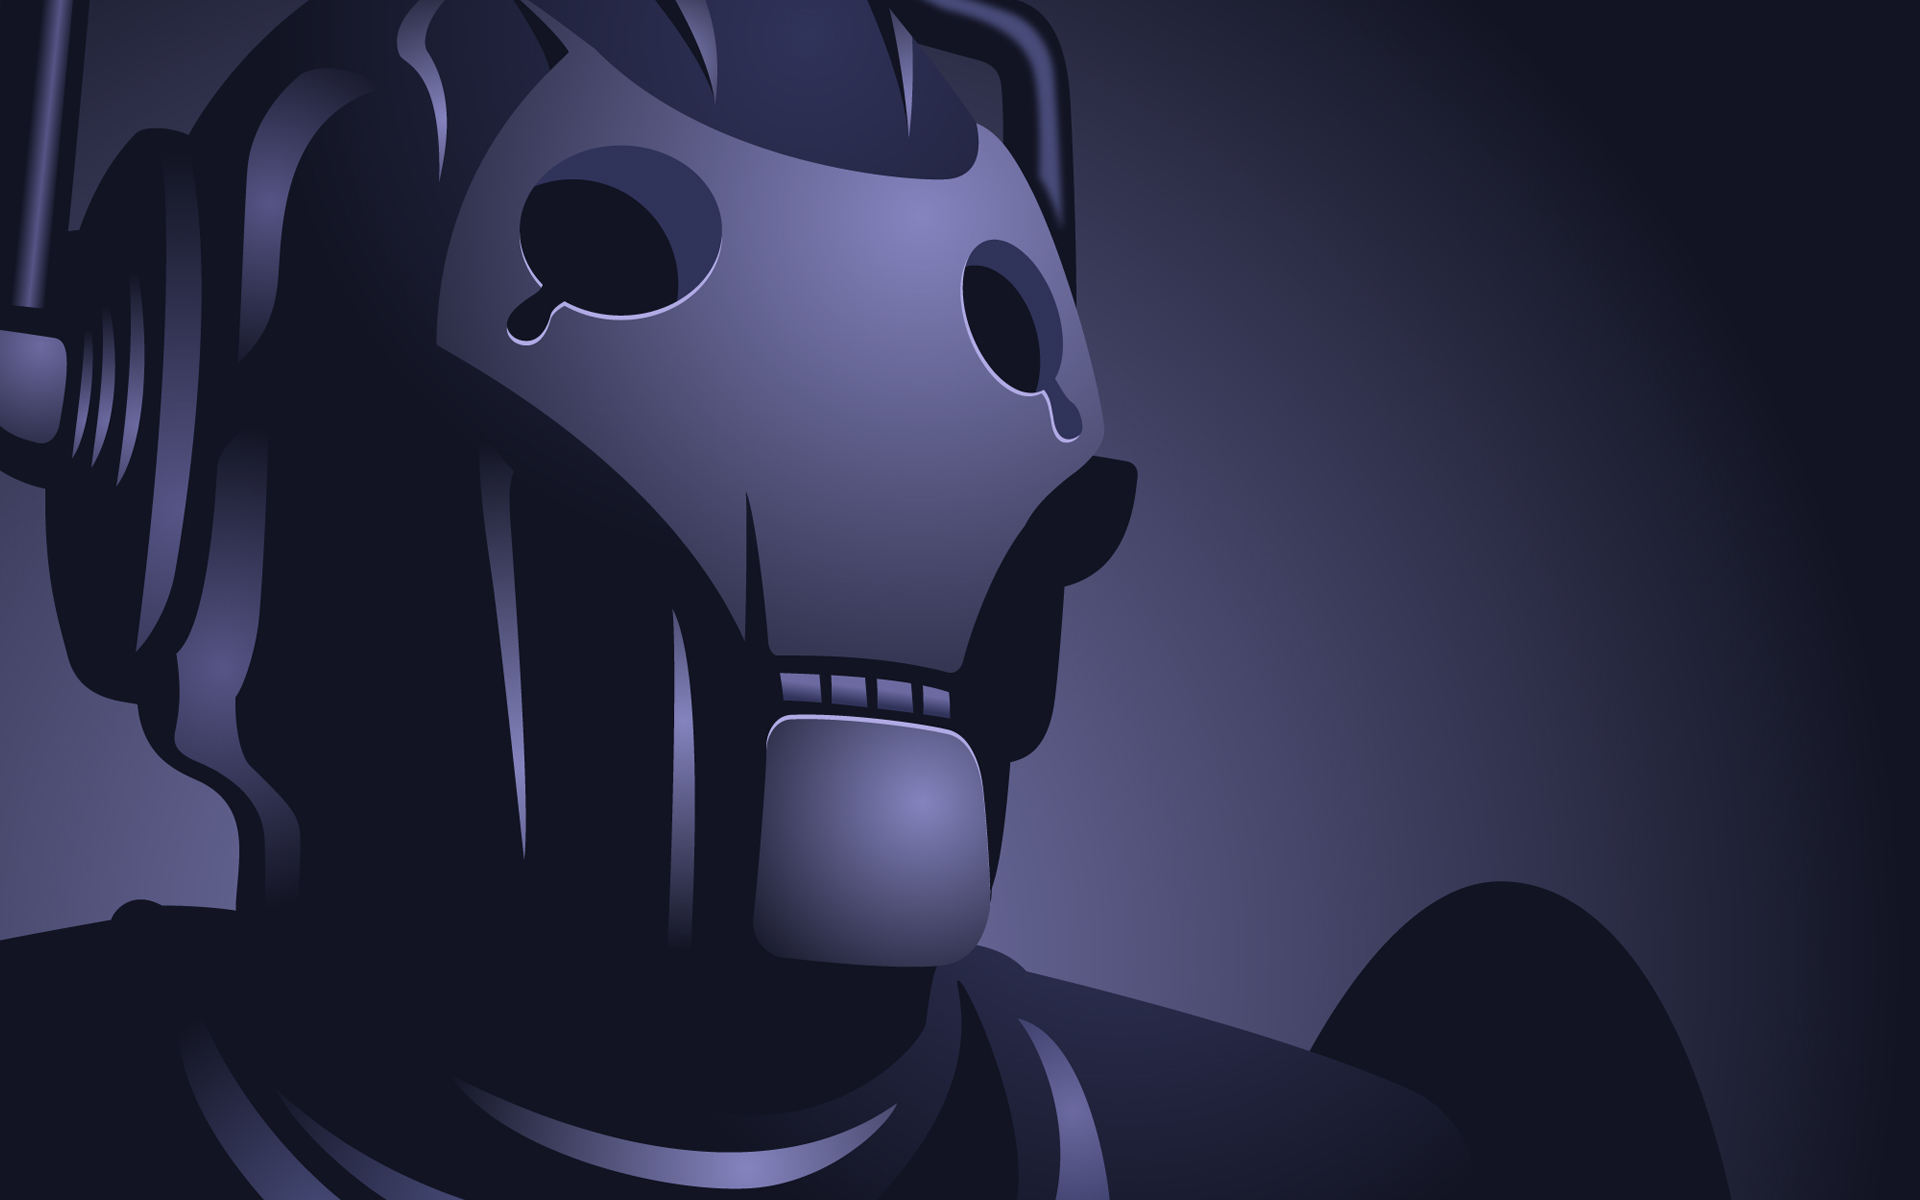 robot cybermen wallpaper 49973